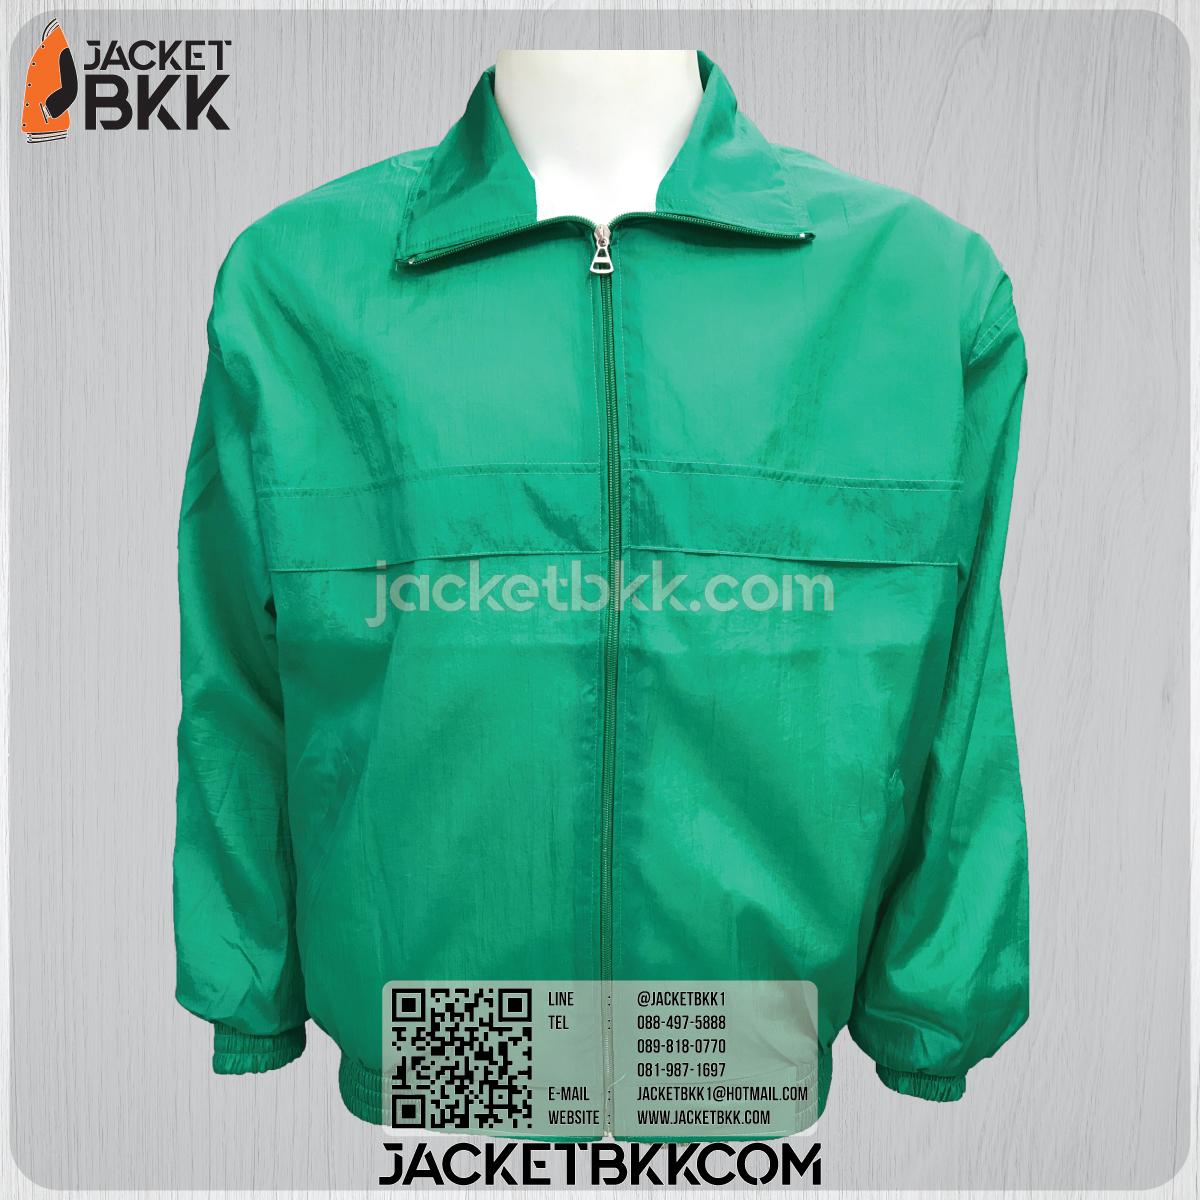 ขายส่งเสื้อแจ็คเก็ตผ้าร่มย่น สีเขียว โบ๊เบ๊ พร้อมปักสกรีน